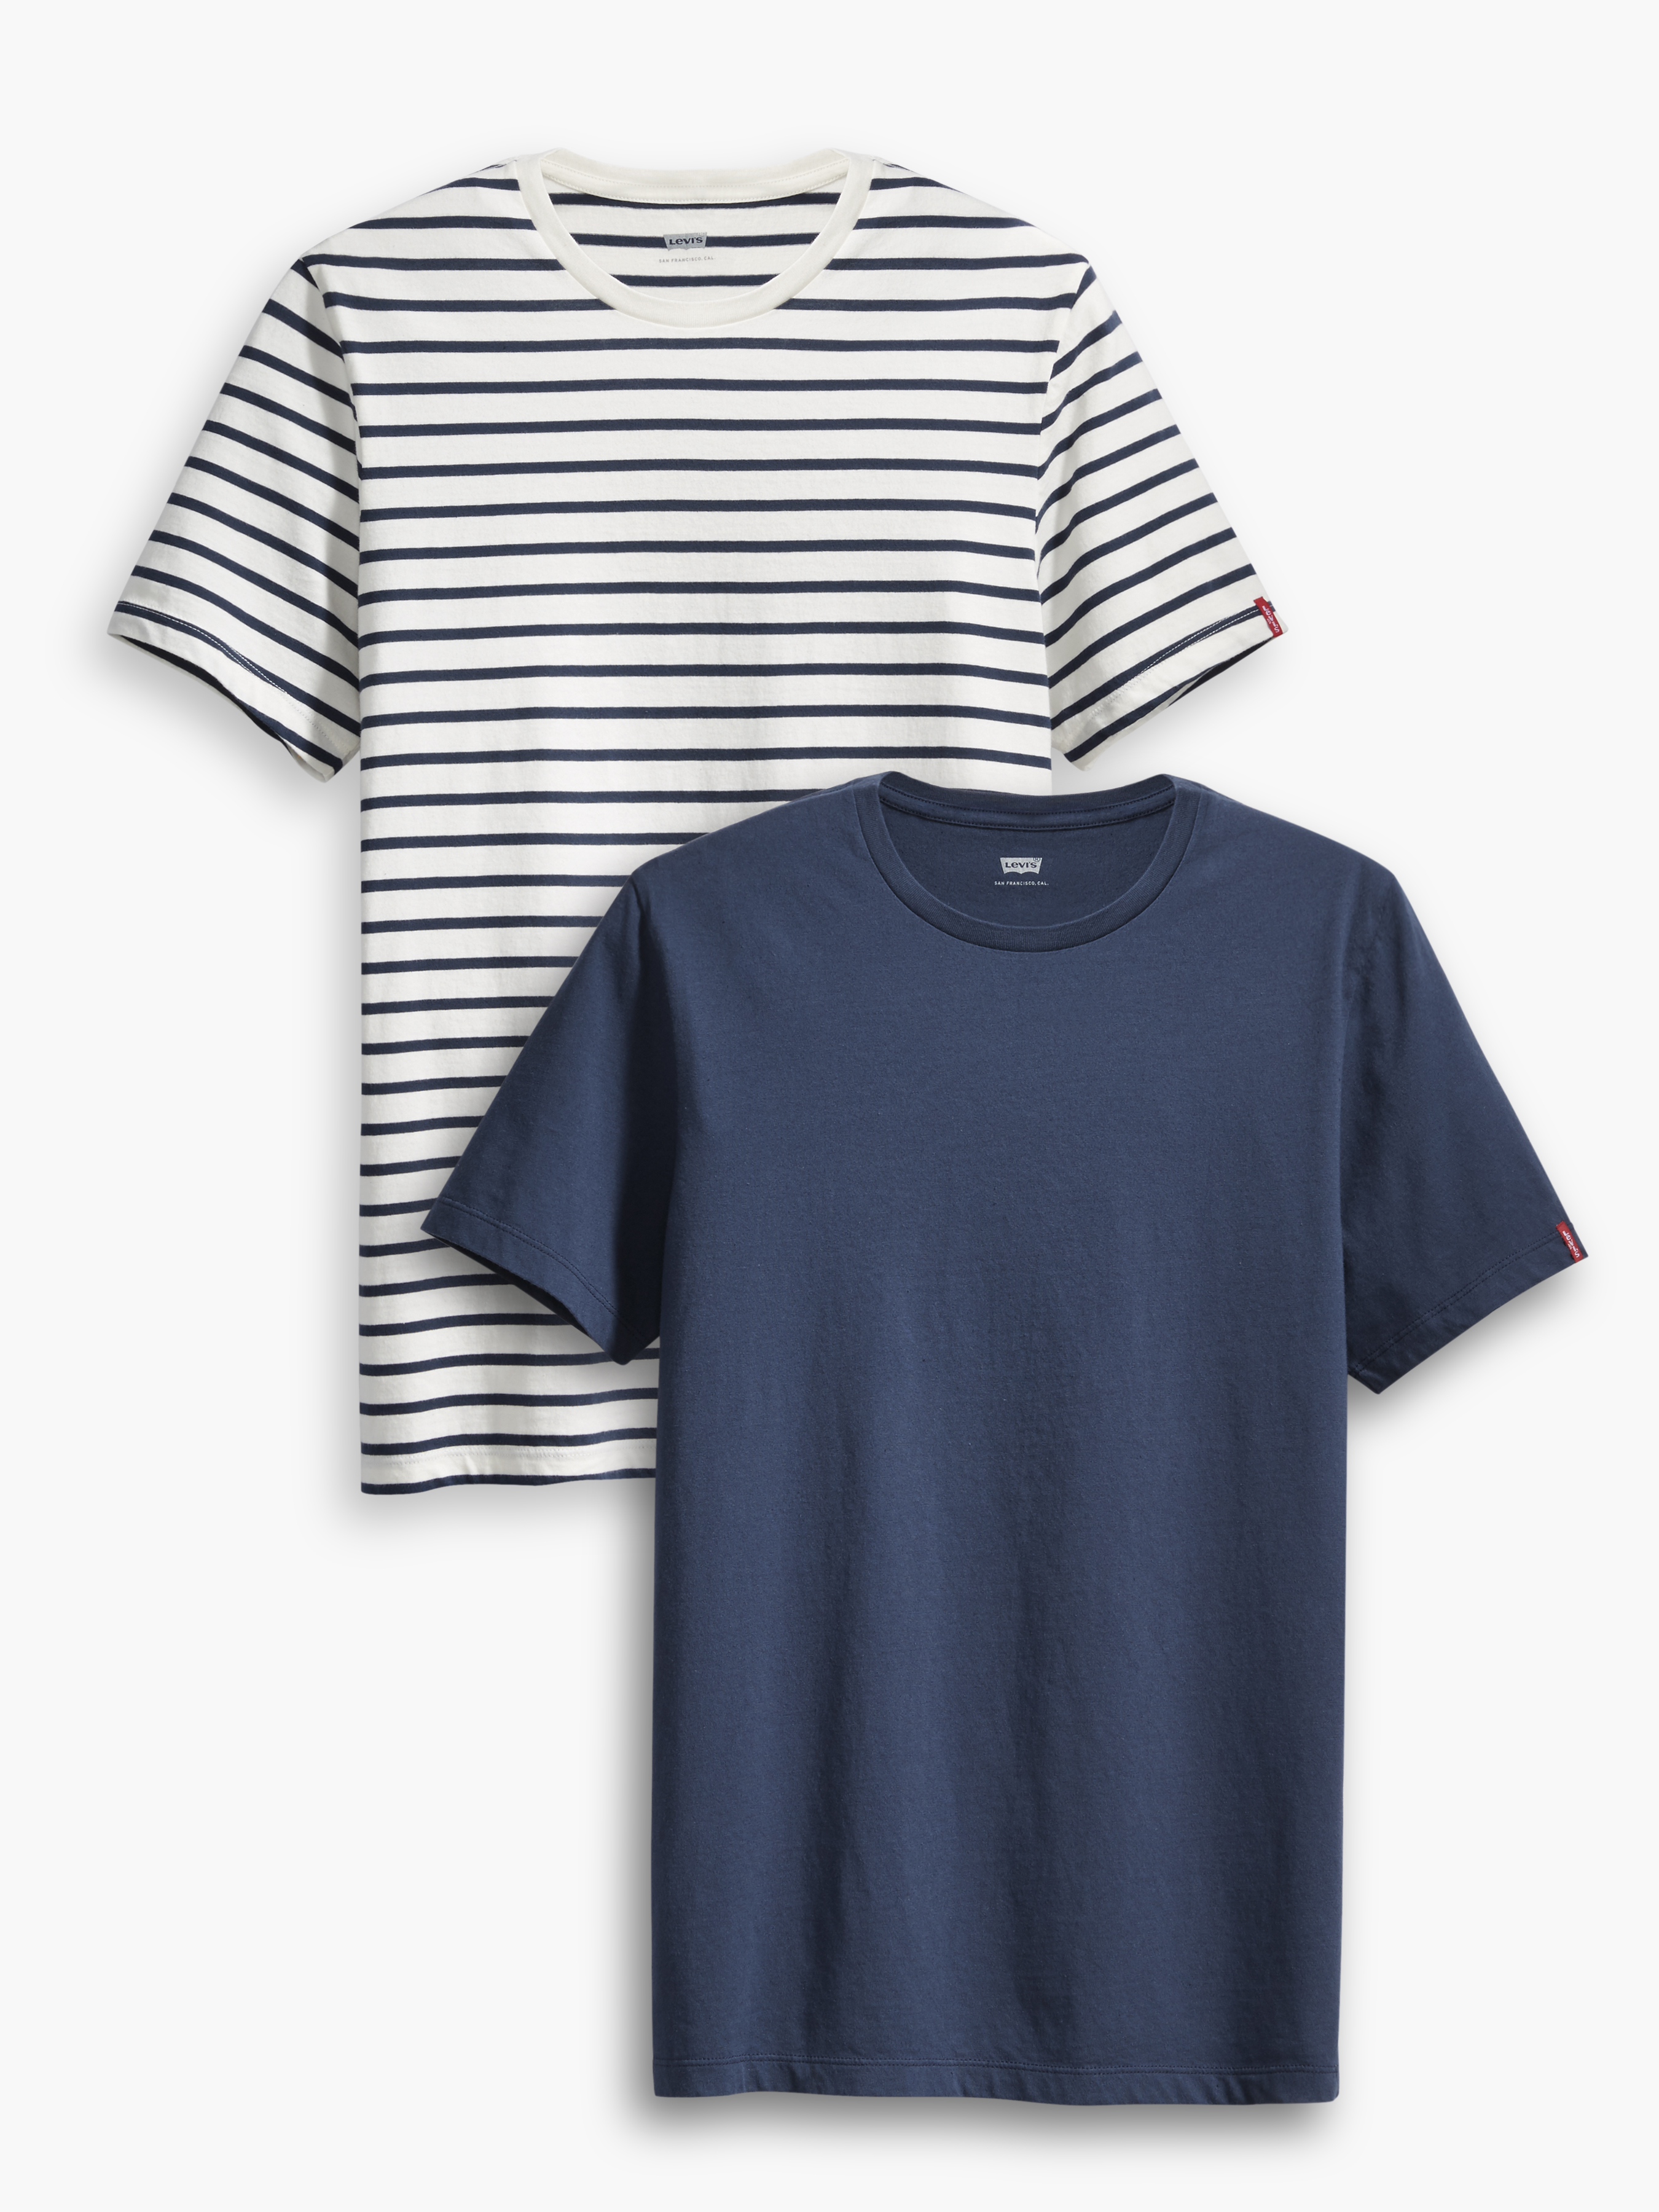 LEVIS 2er Pack Shirts Rundhals T-Shirts 82176-0025 weiß, navy W18-LVT1